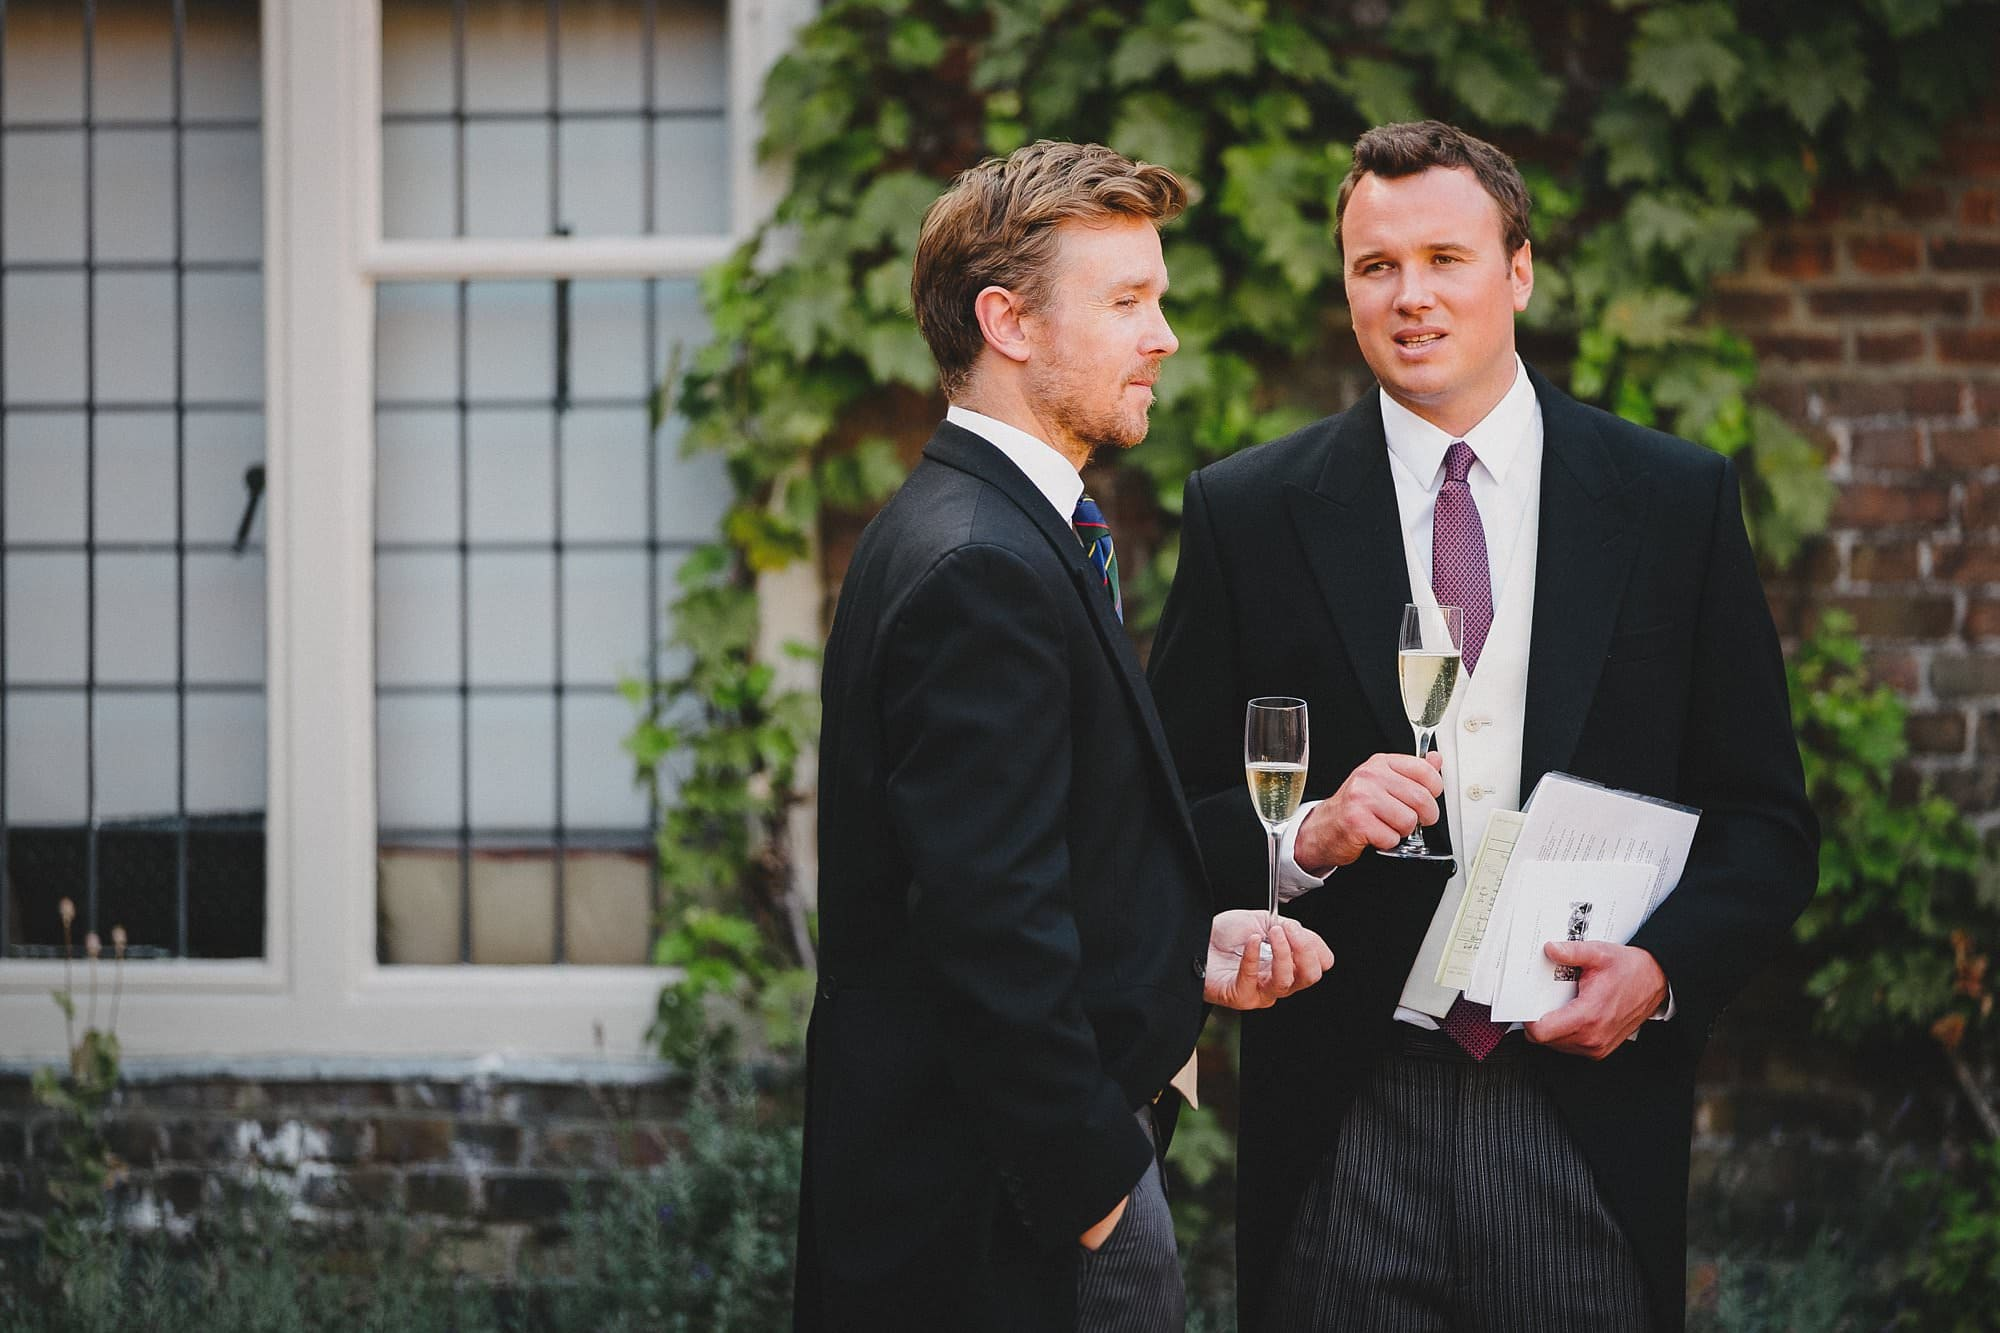 fulham palace wedding photographer 059 - Rosanna & Duncan's Fulham Palace Wedding